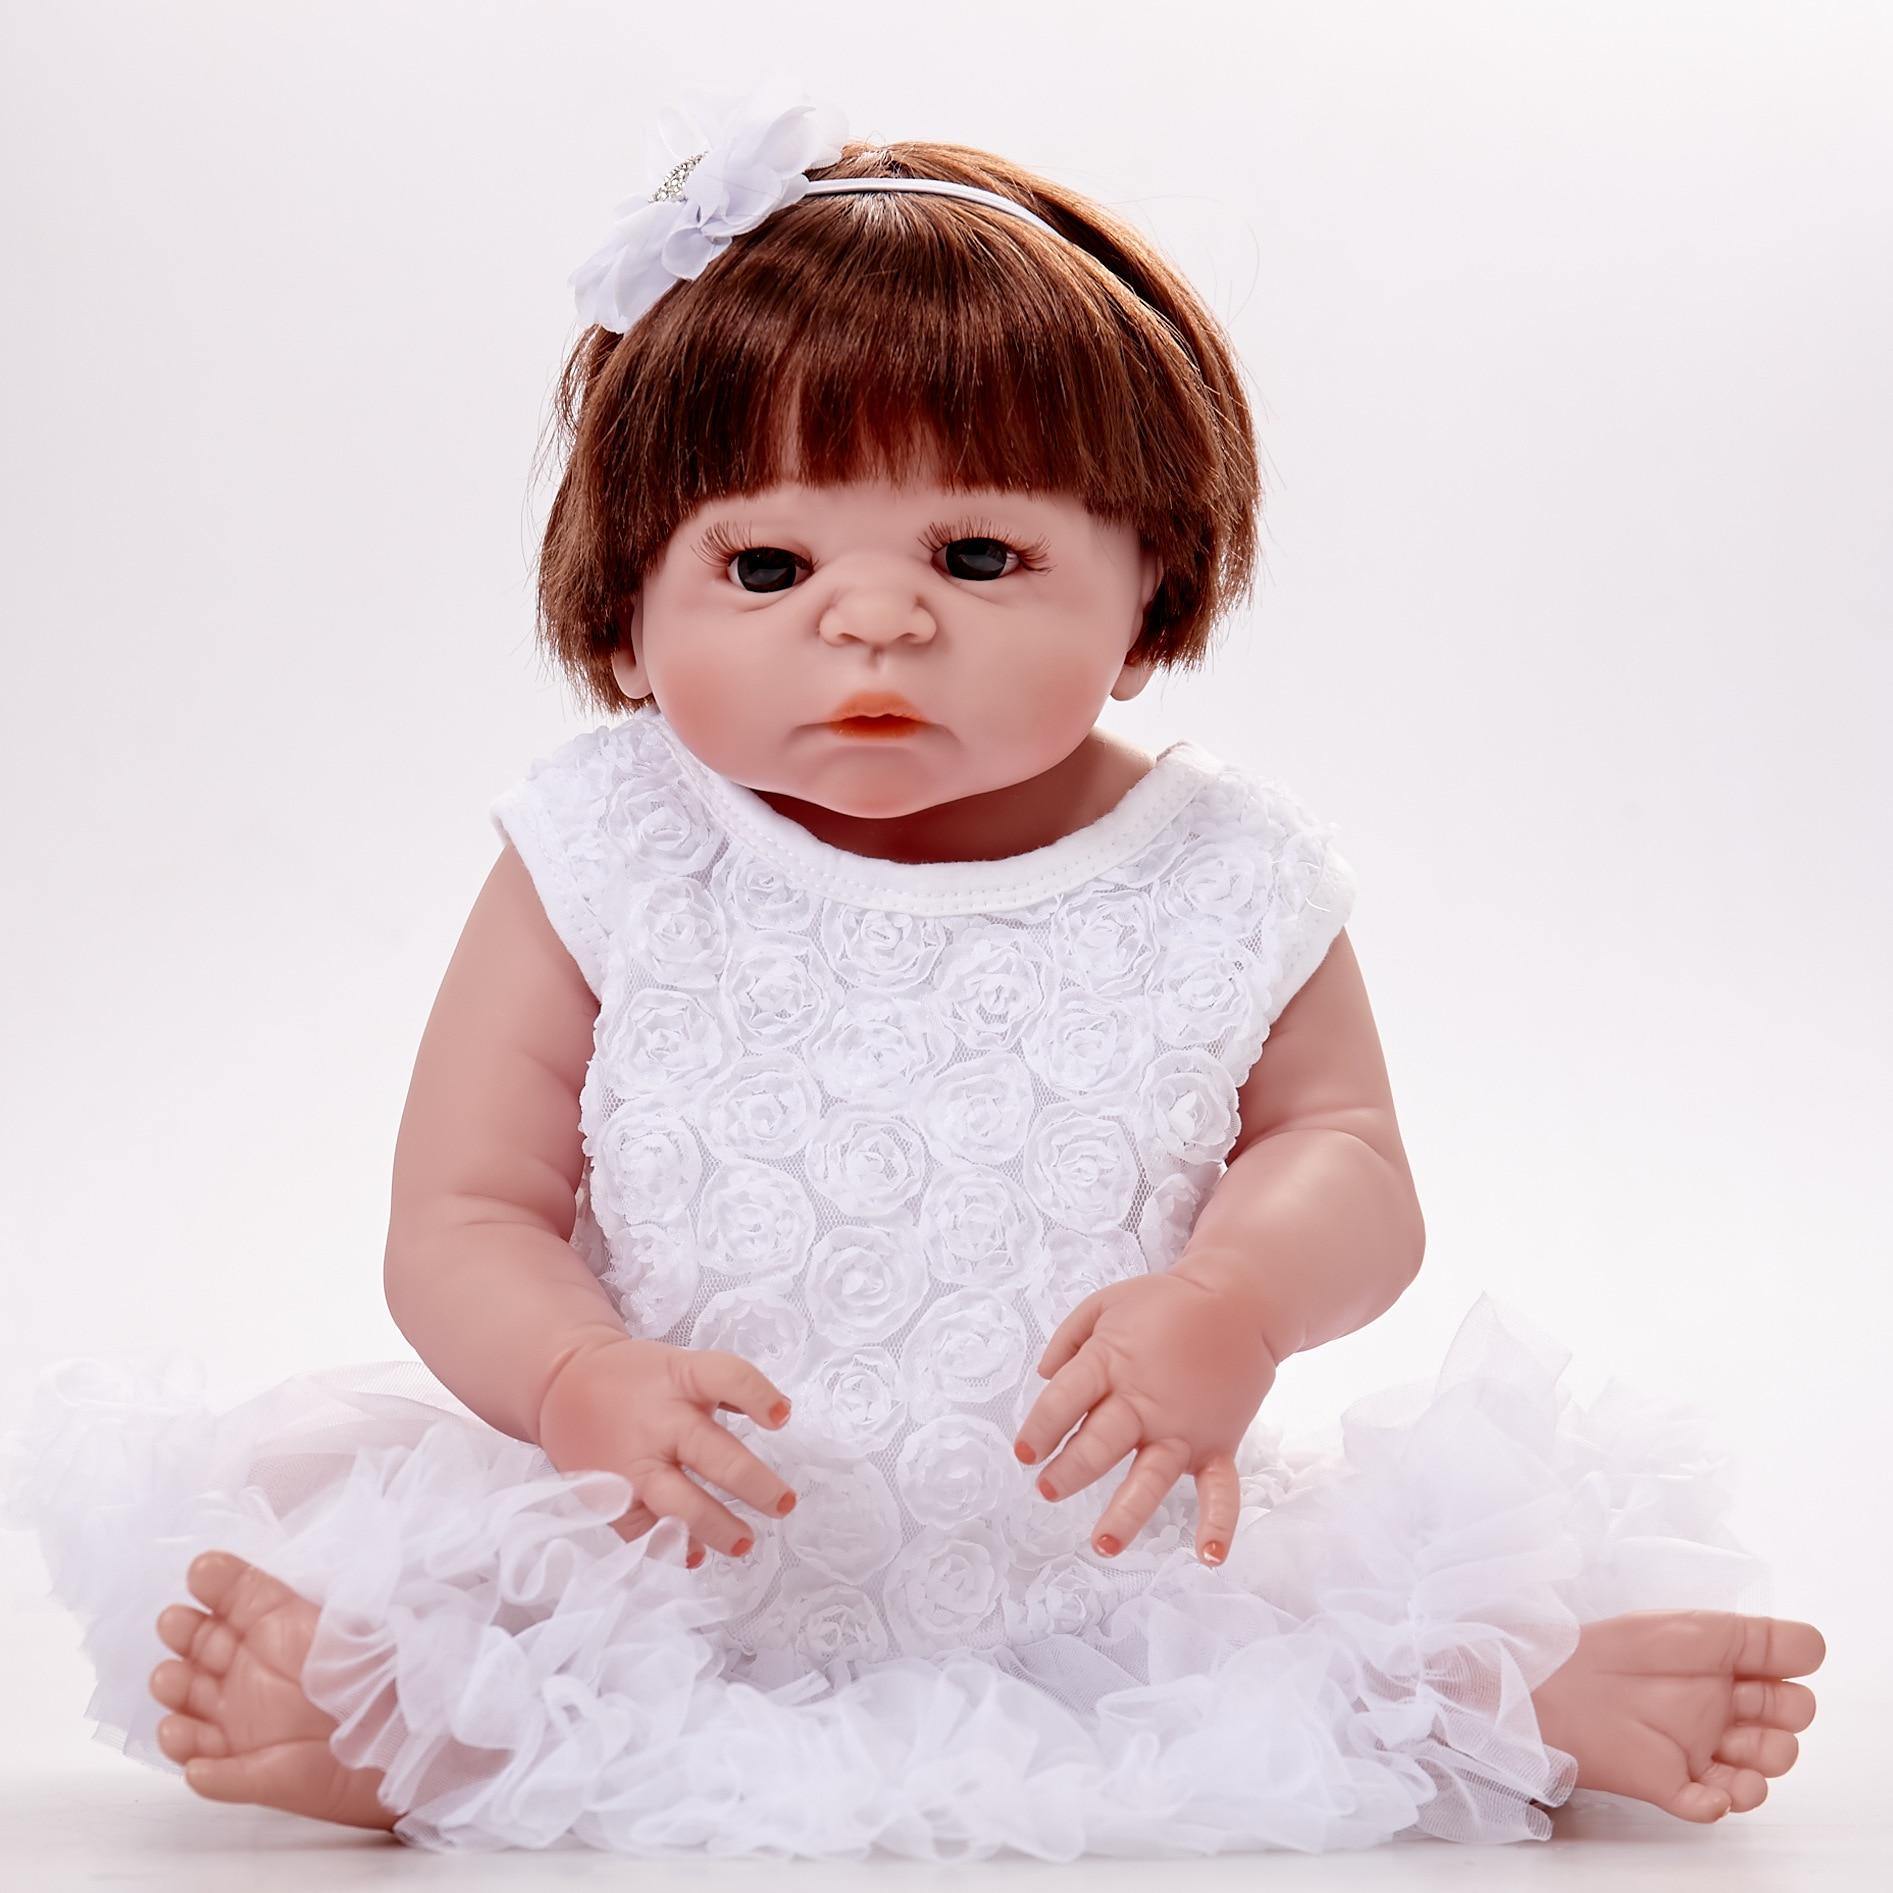 55 Cm Bebe poupée Reborn réaliste nouveau-né poupée cadeau pour enfants anniversaire Reborn poupée pour filles Reborn plein Silicone jouets